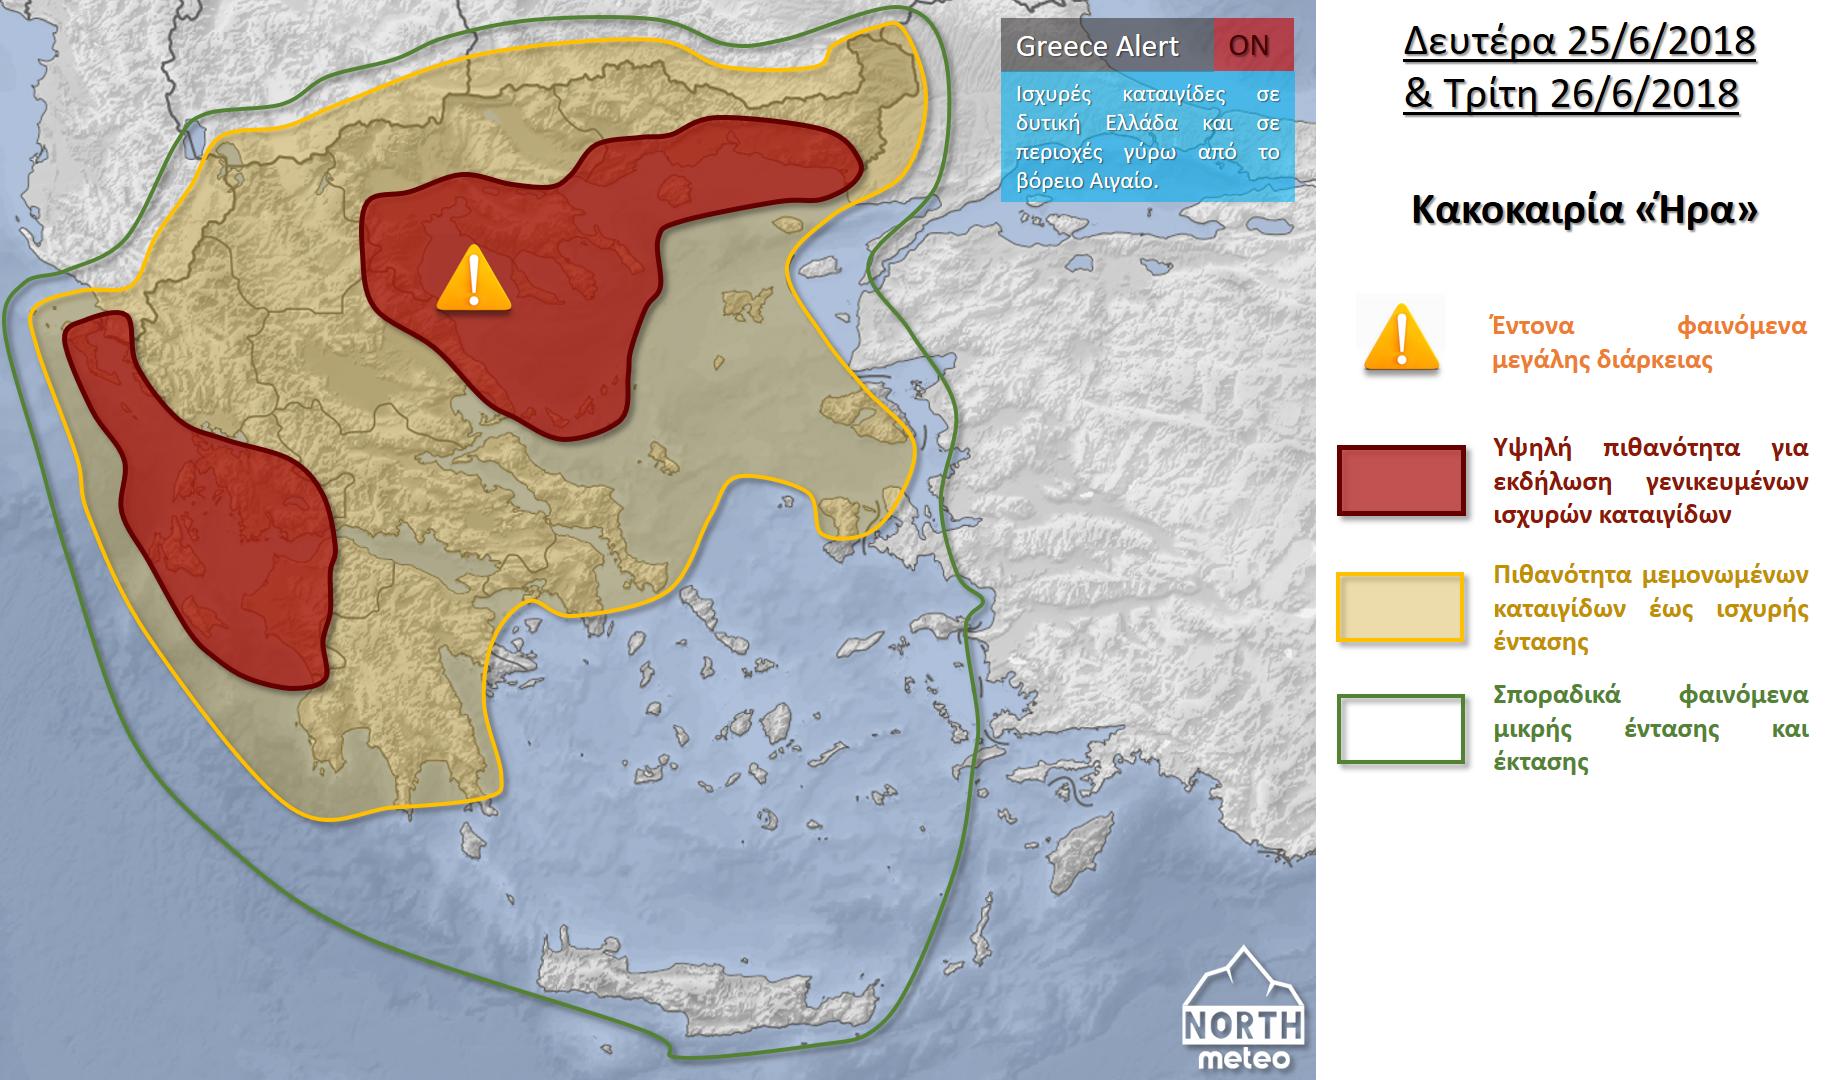 χάρτης προειδοποιήσεων κακοκαιρία Ήρα